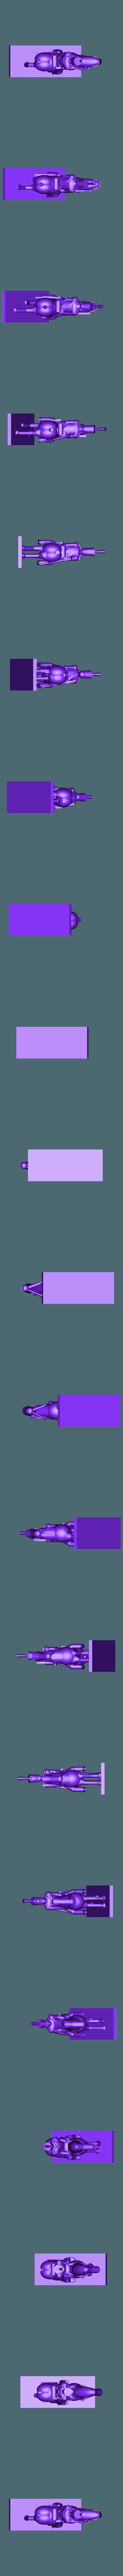 chass2_1.stl Télécharger fichier STL gratuit Napoléoniens - 2ème partie - Français / Alliés Cavalerie • Plan imprimable en 3D, Earsling